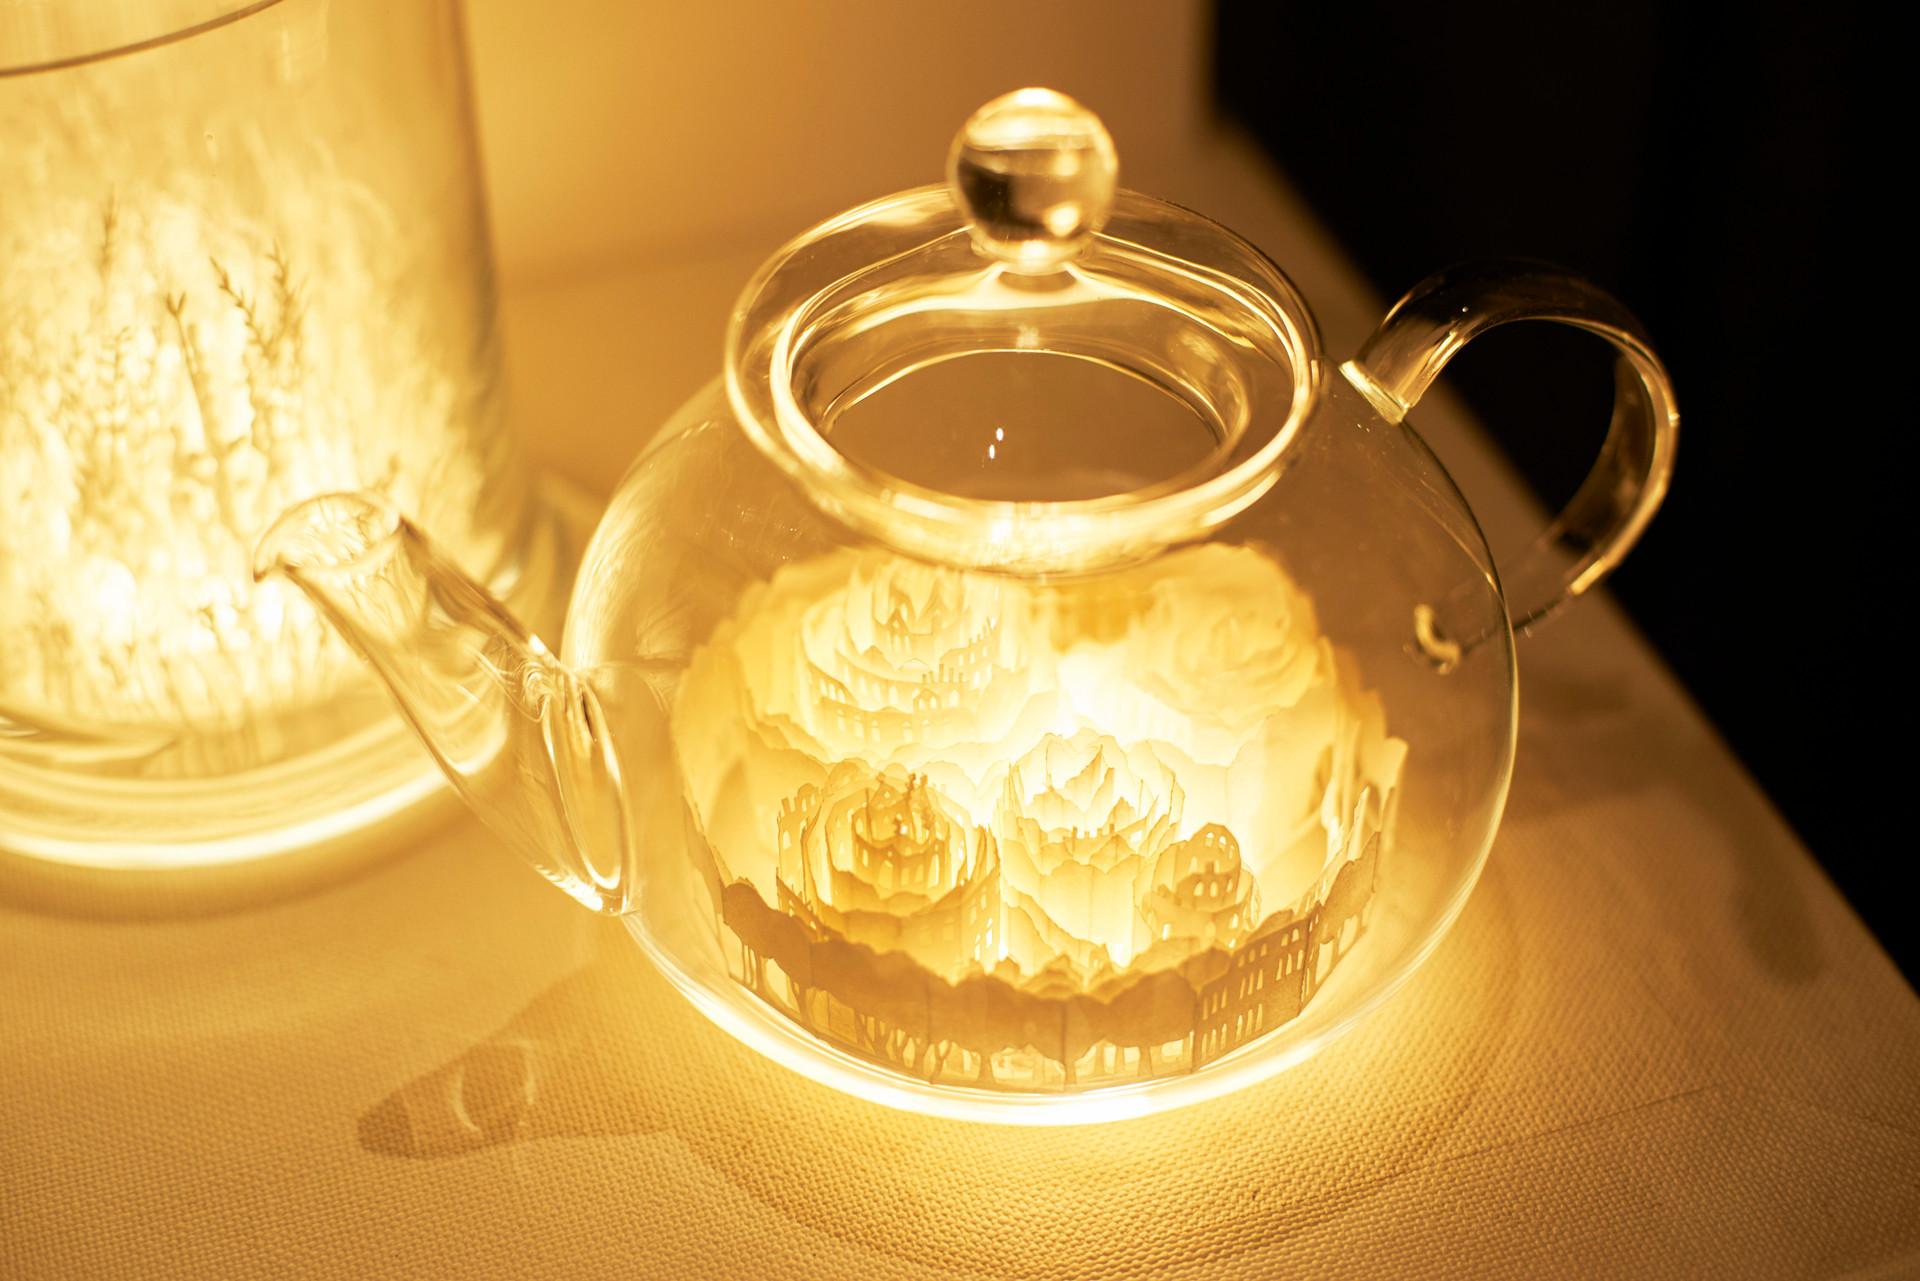 個展 In the Jar (かみのてのなか)